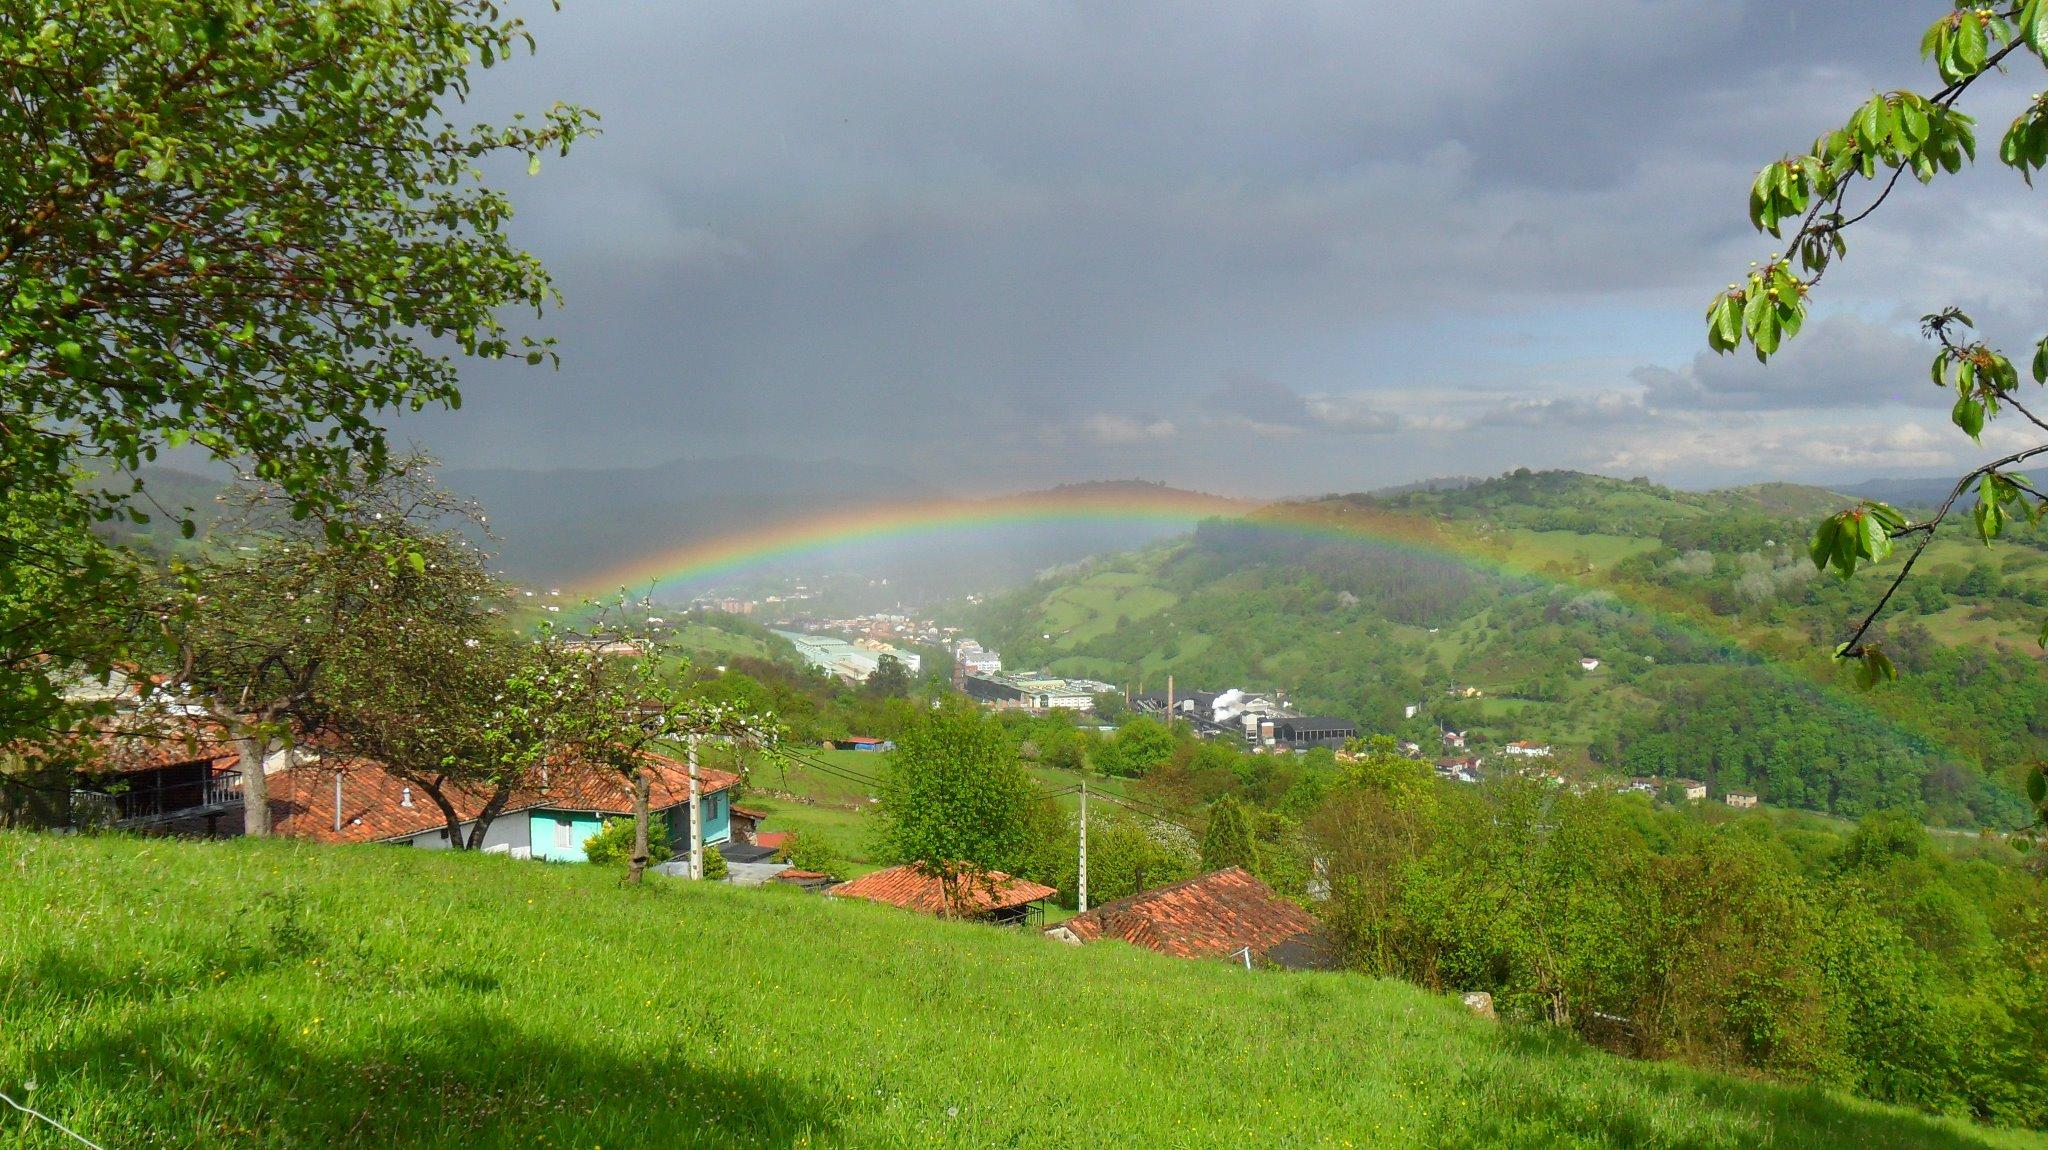 La villa de Trubia desde mi pueblo, Las Cuestas. Foto de Claude Minsart.